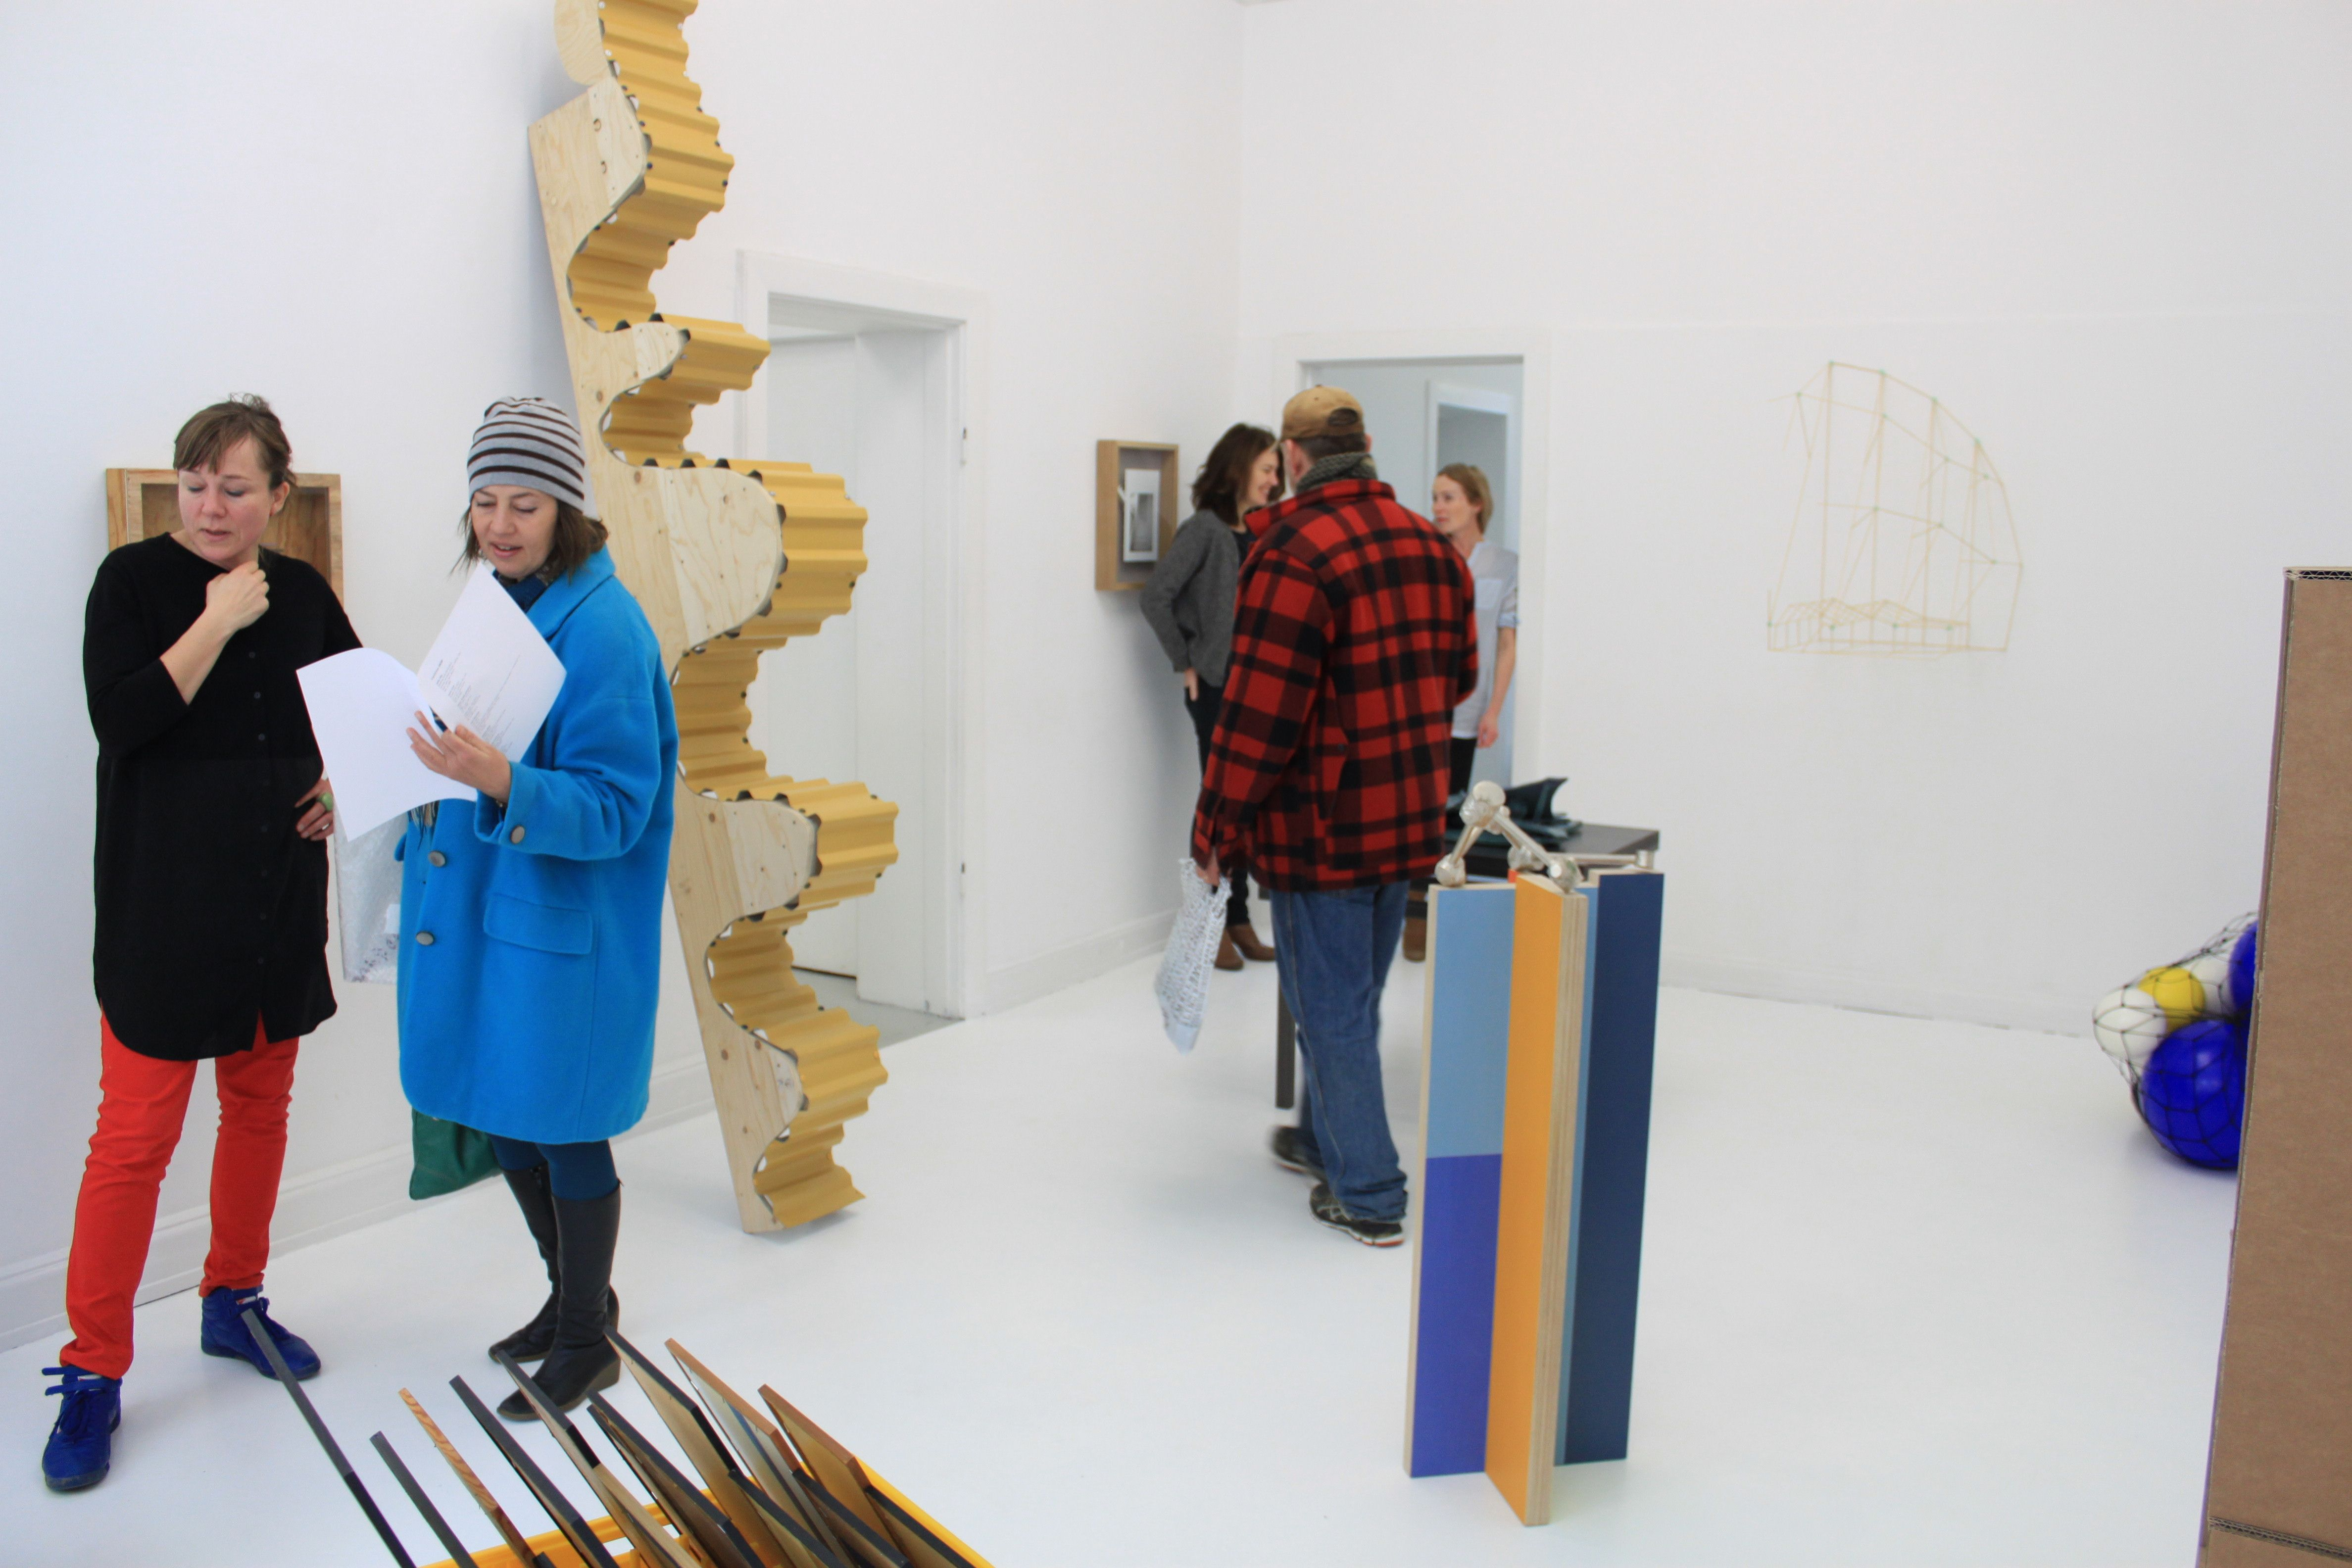 Galleri Superobjekt præsenterer gruppeudstillingen HOP – skalaværker kurateret af billedkunstnerne Karin Lind og Peter Holm / t e k s a s.